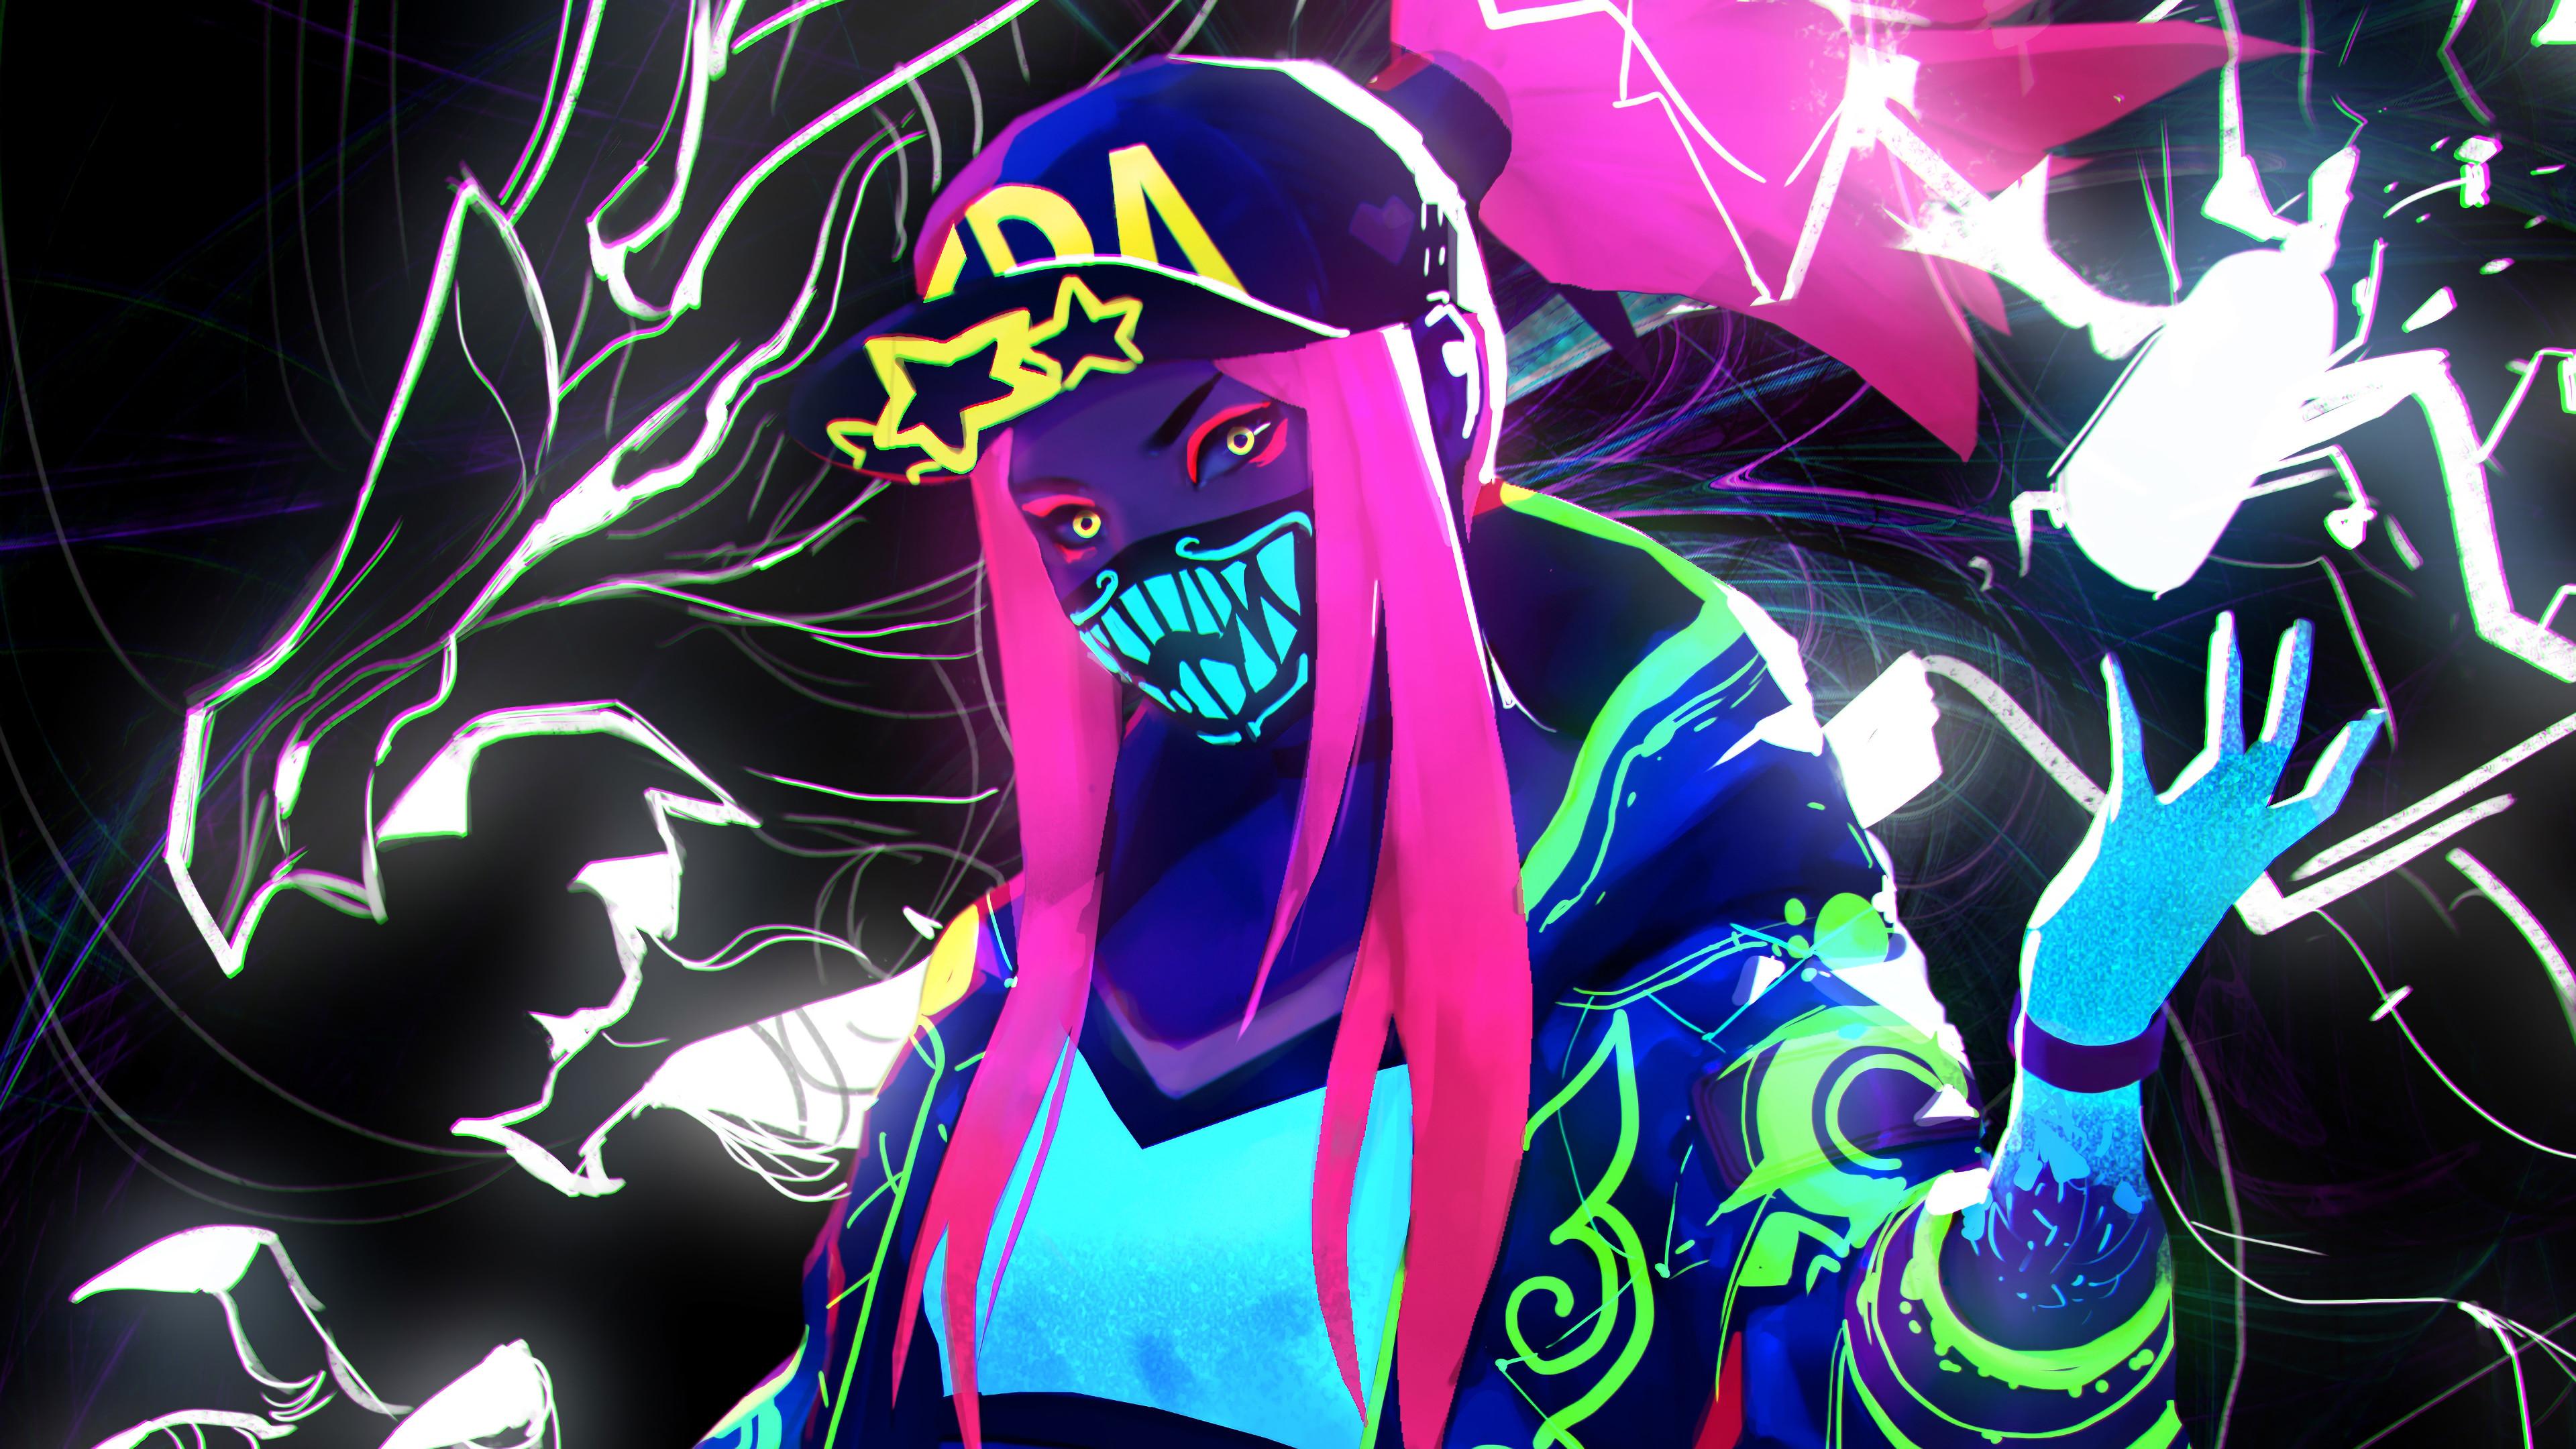 k da neon akali league of legends lol lol 1574104713 - K/DA Neon Akali League Of Legends LoL lol - league of legends, K/DA Akali, K/DA - League of Legends, Akali